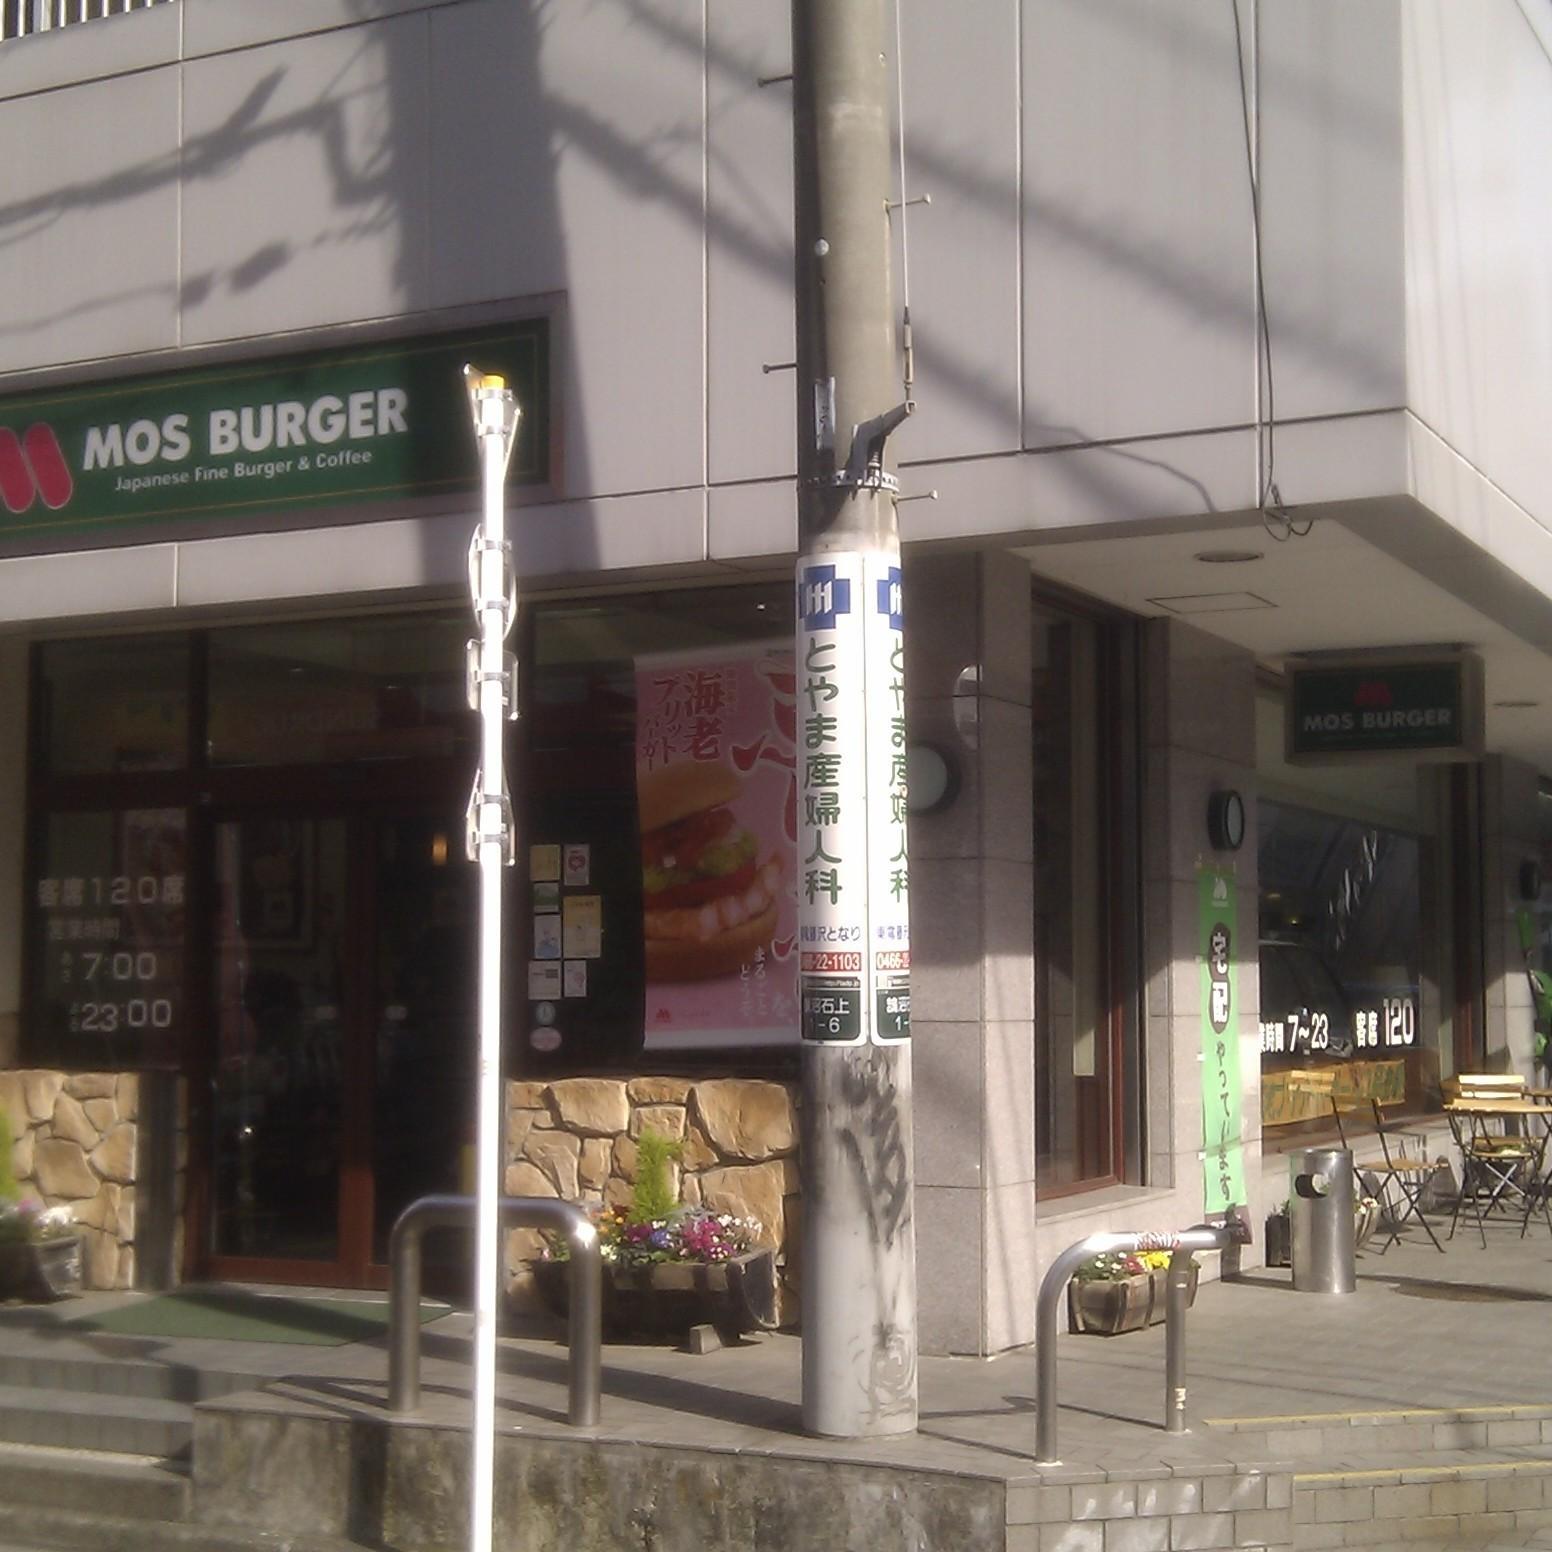 Moss Burger